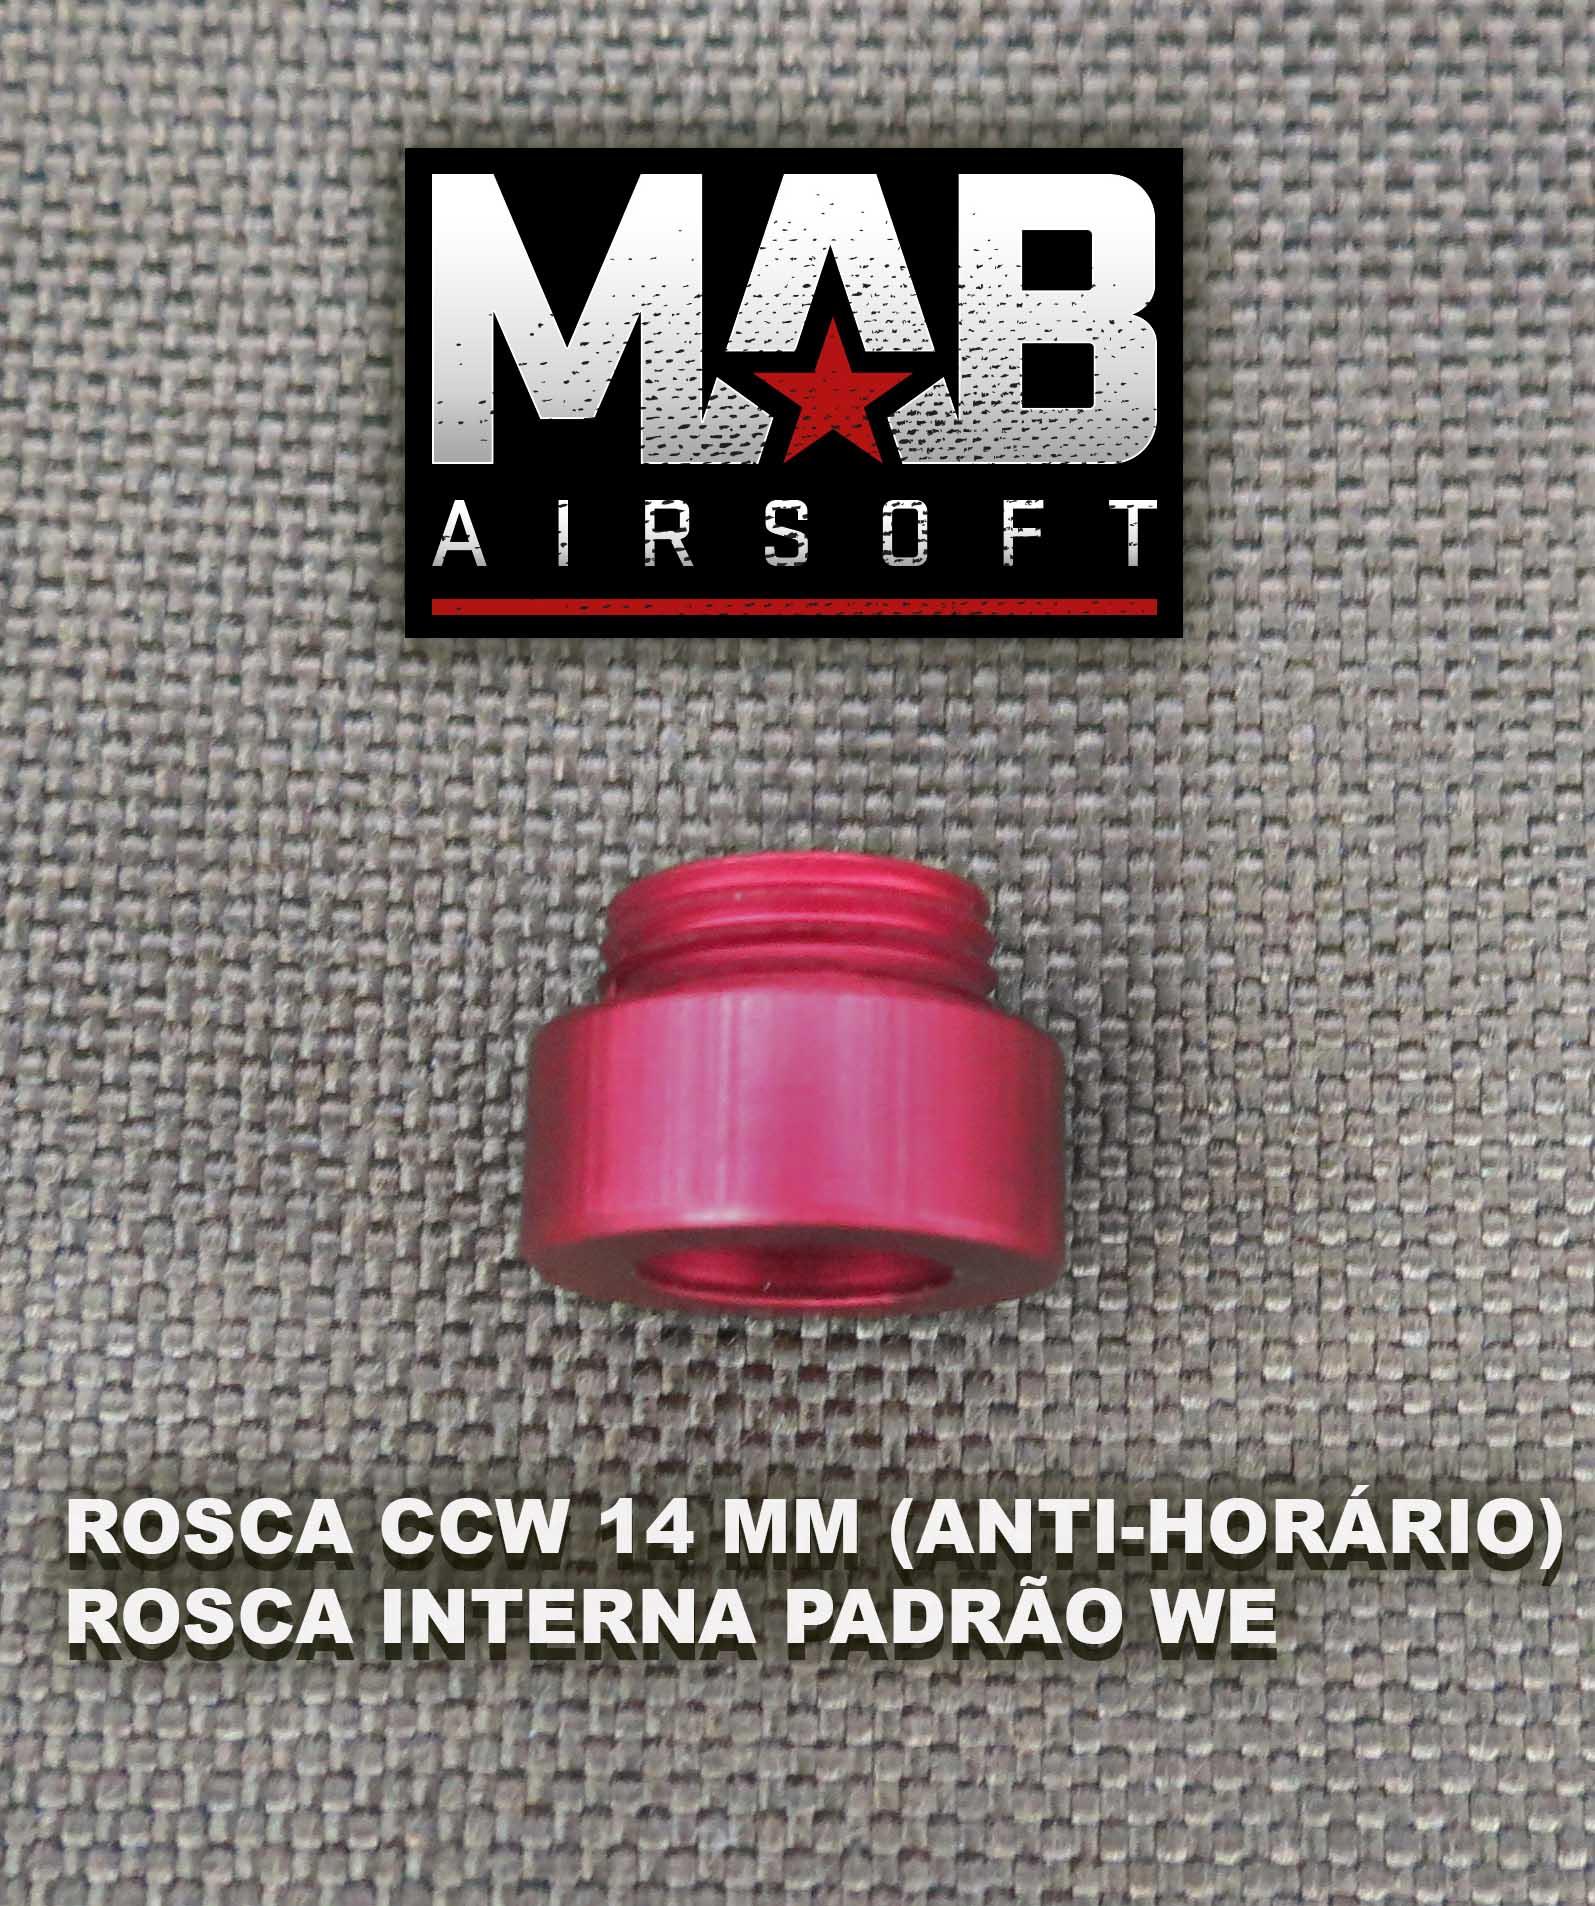 Ponta Vermelha e Adaptador de Rosca para Pistola GBB - PEQ  - MAB AIRSOFT